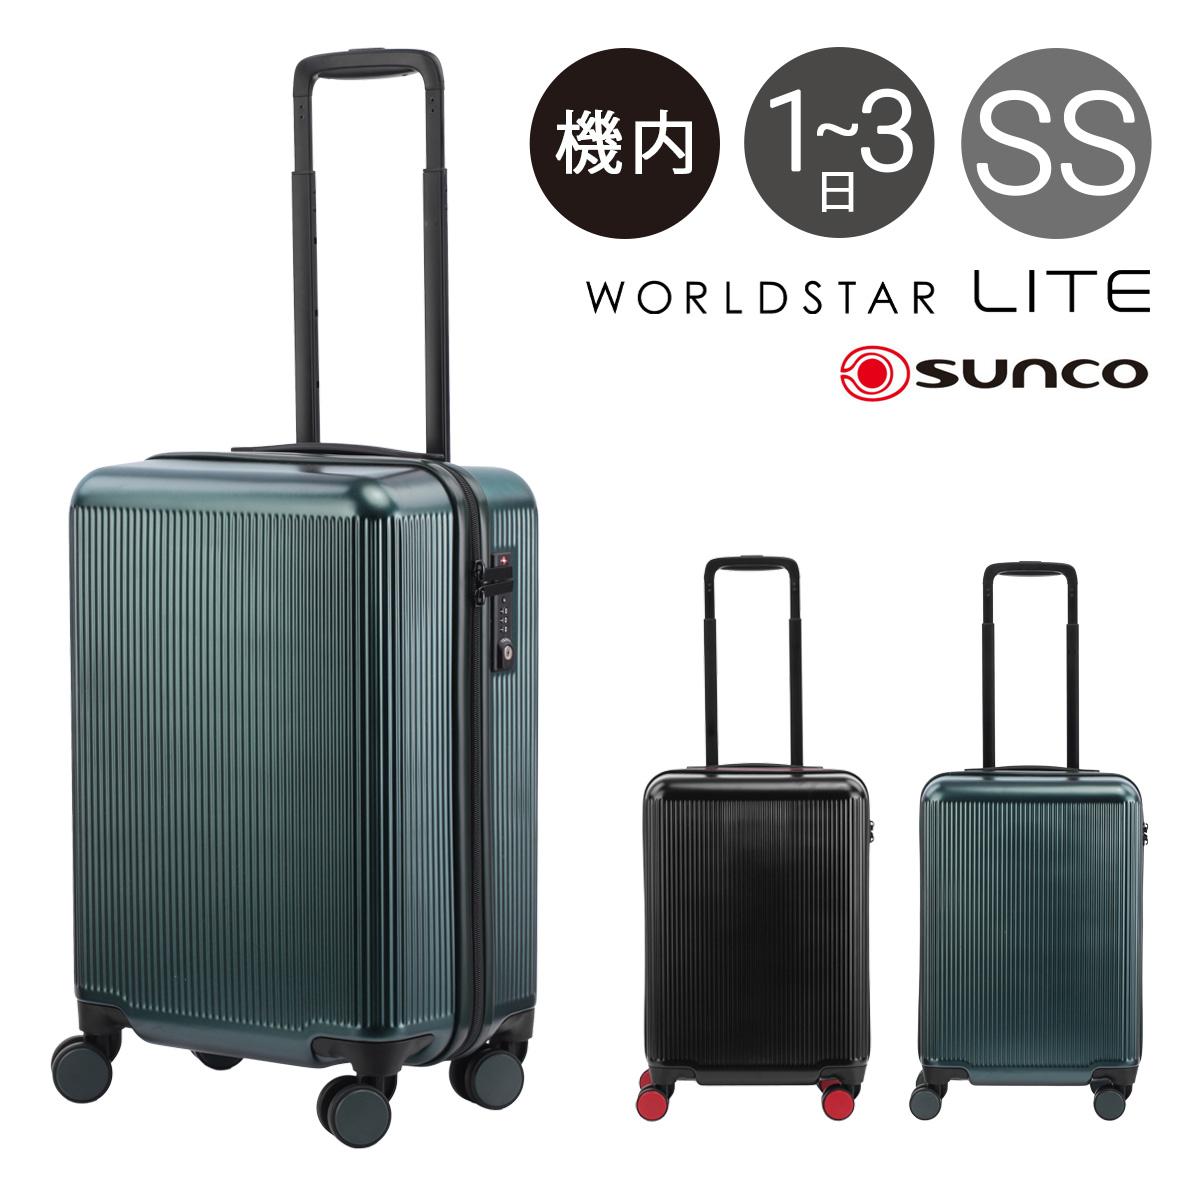 サンコー スーツケース 機内持ち込み 34L 48cm 2.5kg ワールドスターライト WSLZ-48 SUNCO WORLDSTAR LITE ハード ファスナー キャリーバッグ キャリーケース TSAロック搭載[PO10][即日発送]